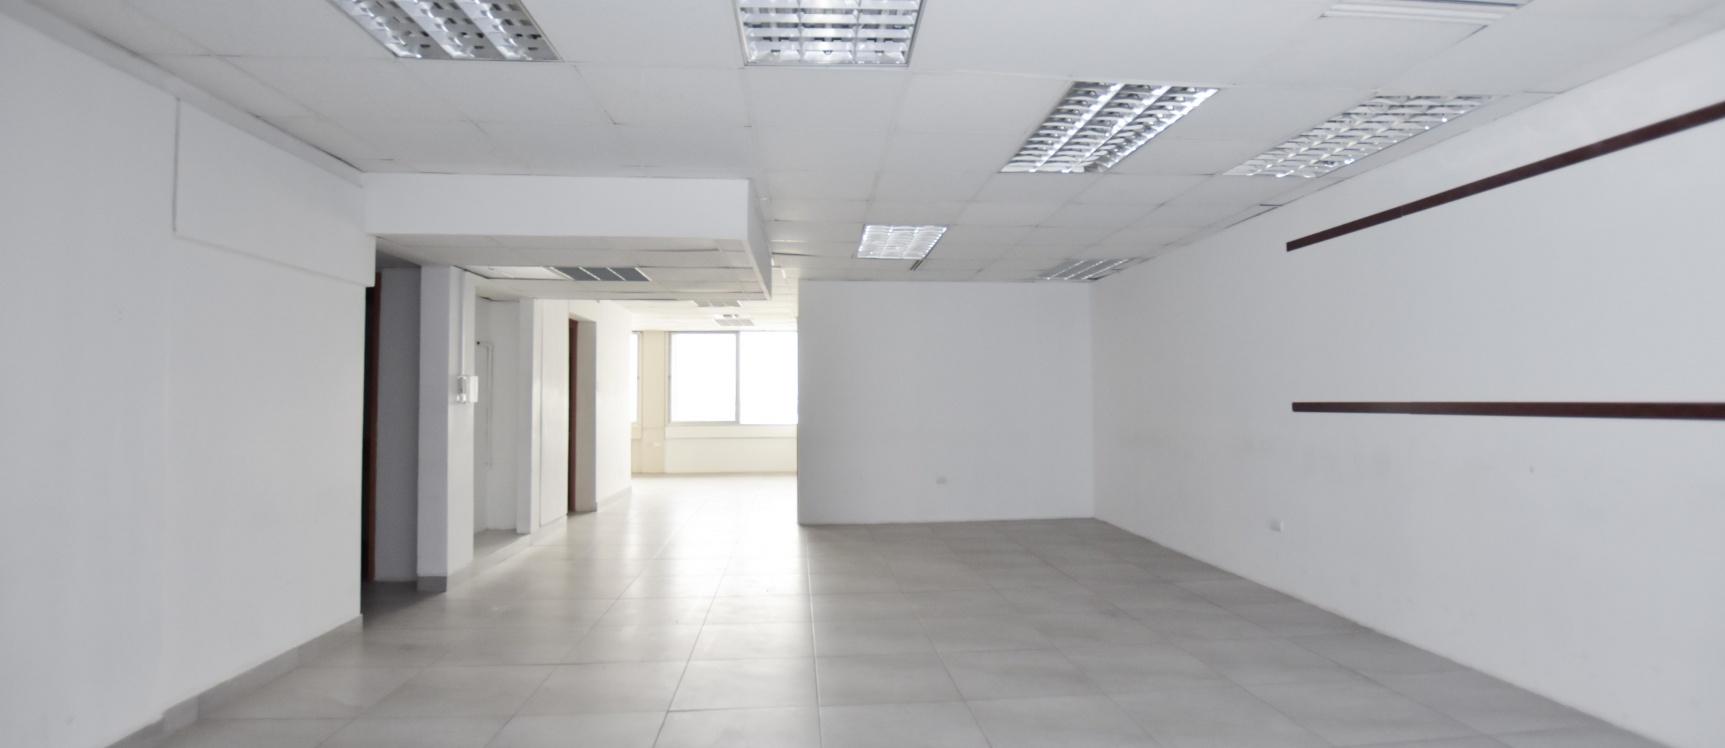 GeoBienes - Alquiler de oficina en Av. de las Américas, Edificio Mecanos - Plusvalia Guayaquil Casas de venta y alquiler Inmobiliaria Ecuador